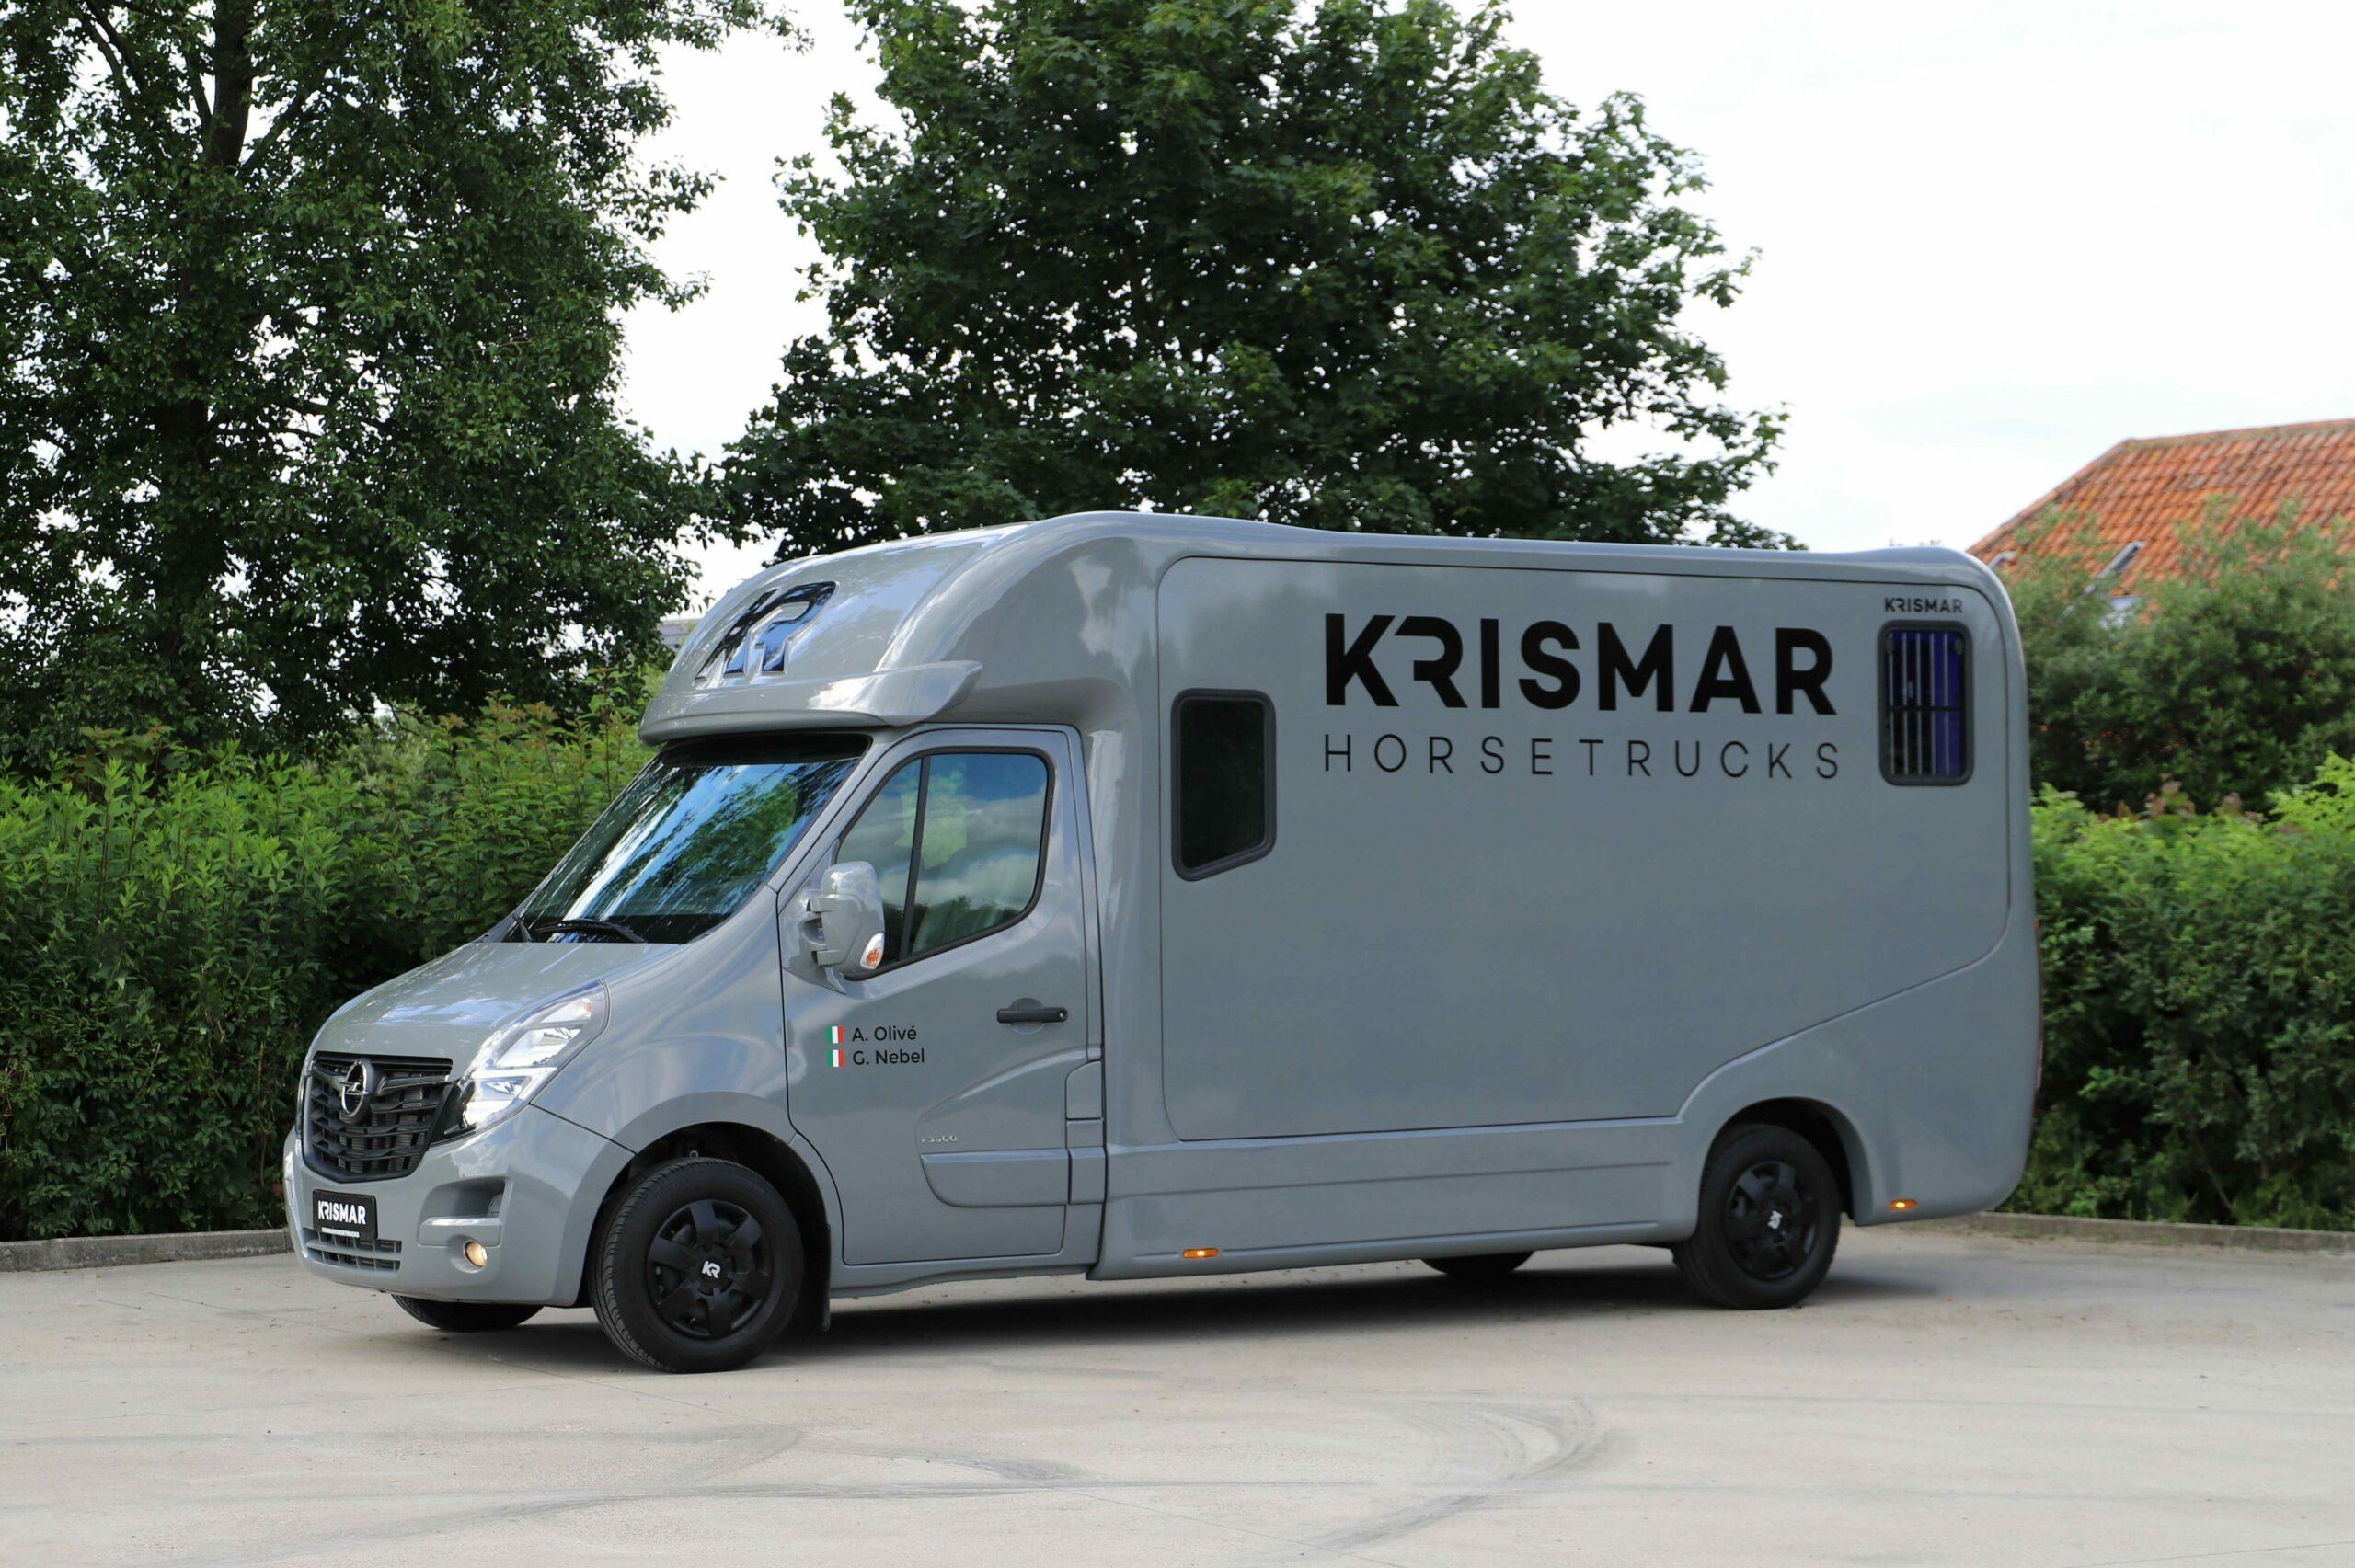 Een grijze Krismar paardenvrachtwagen voor 2 paarden gebouwd op een Opel chassis.